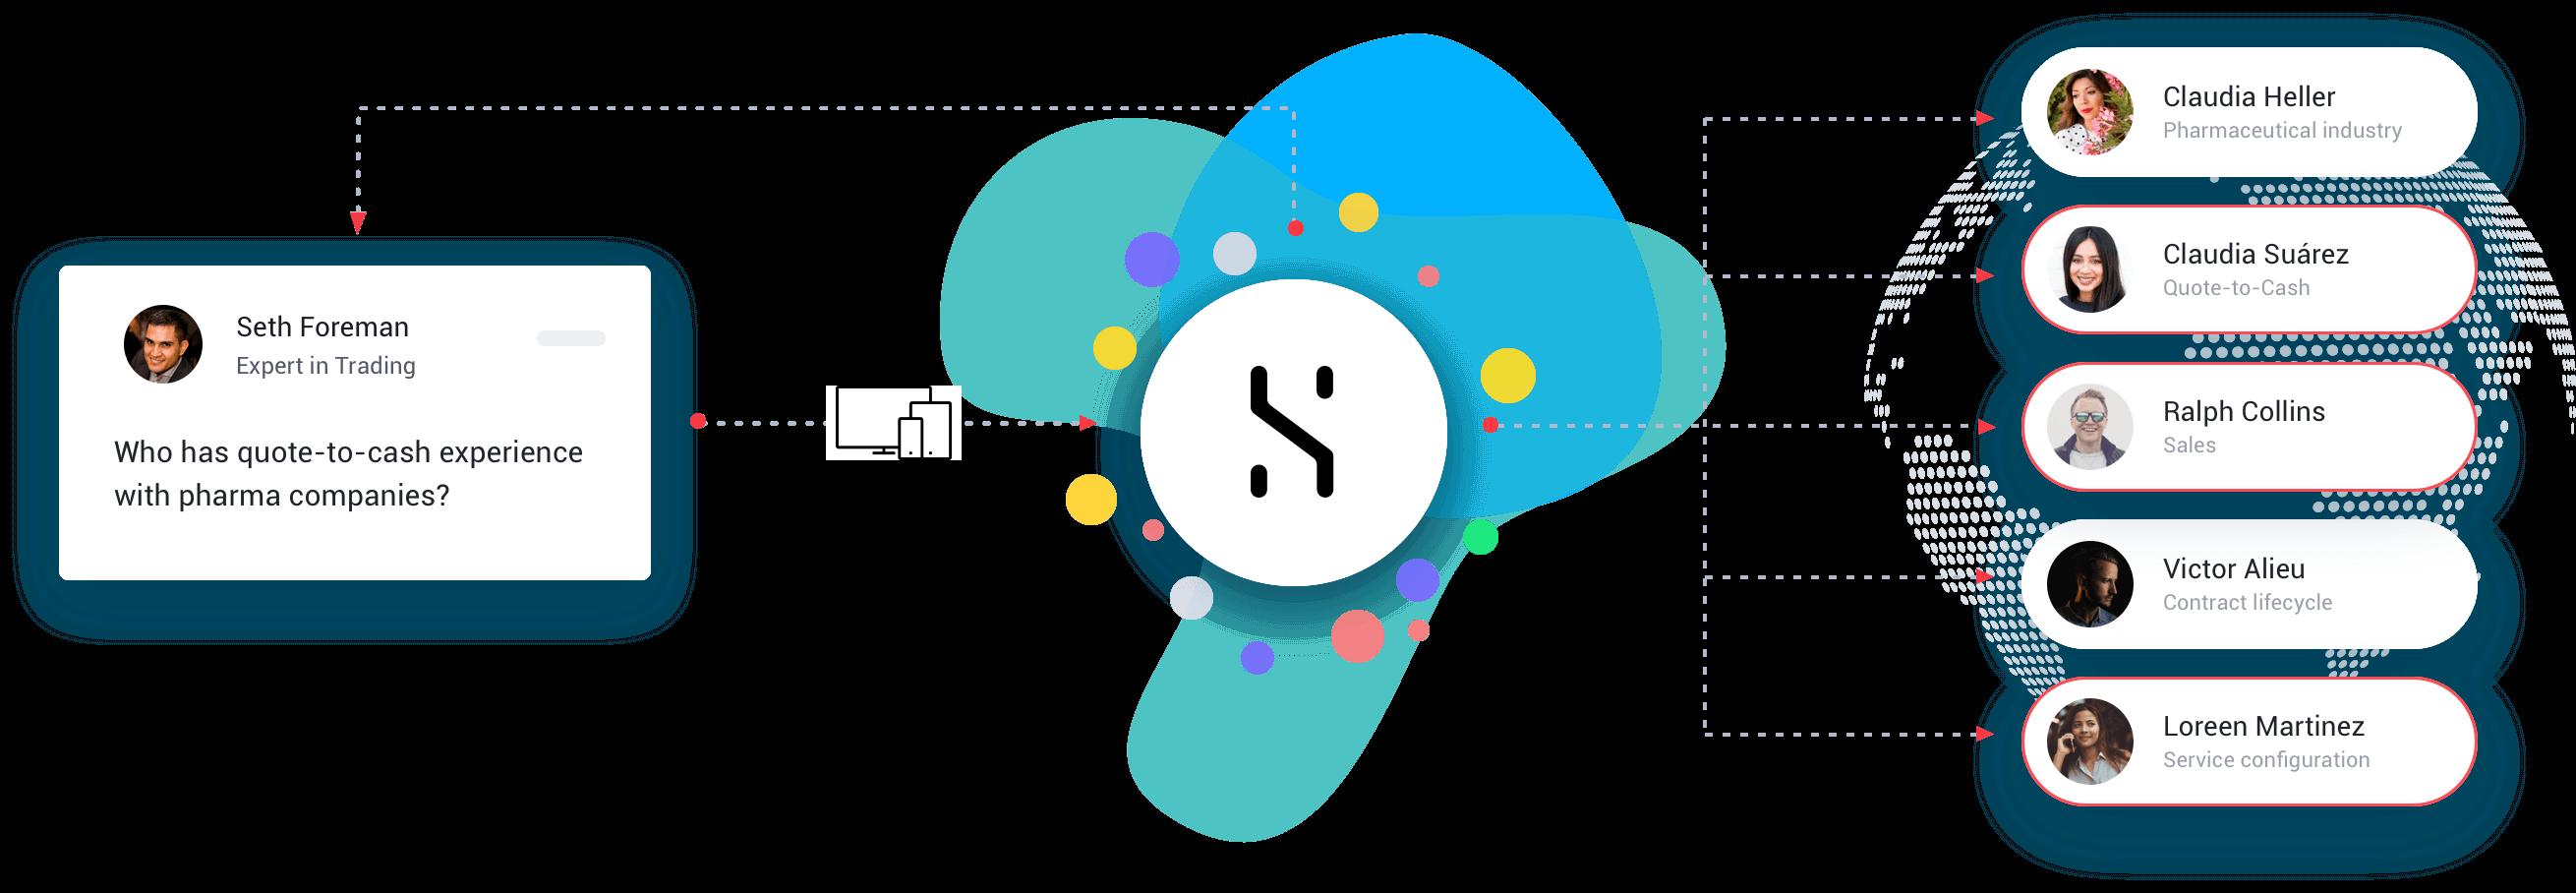 hiw-graph-desktop@2x